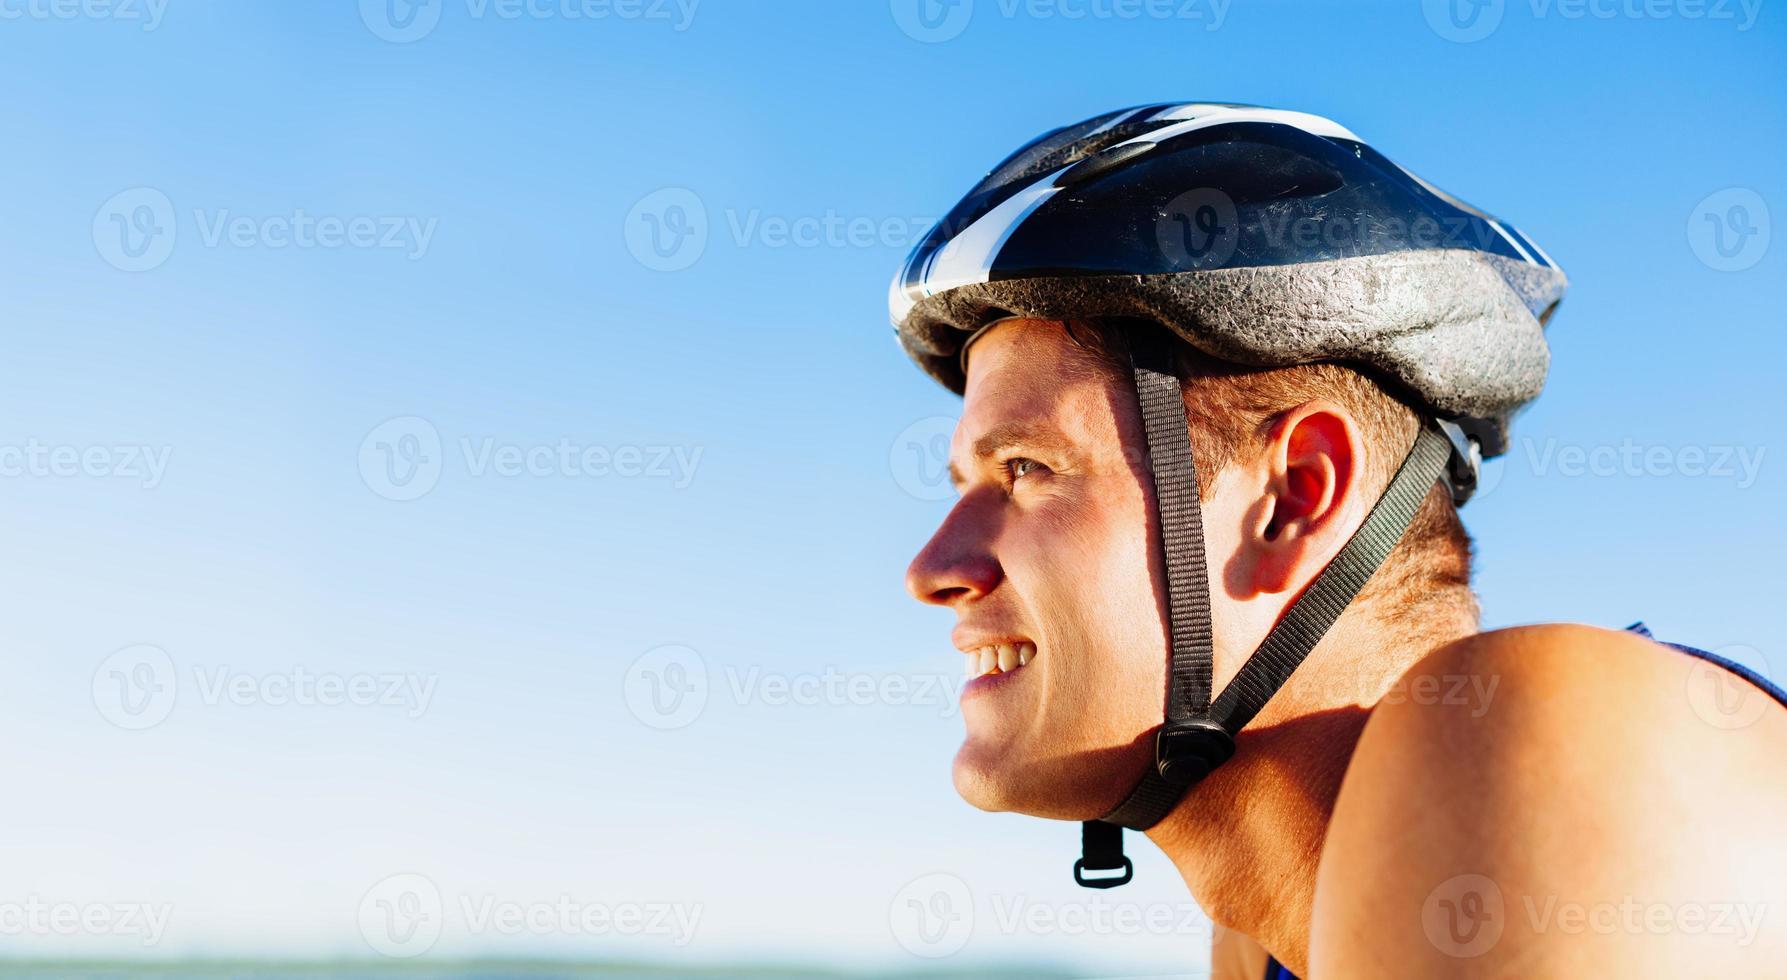 jovem de bicicleta com capacete na cabeça foto